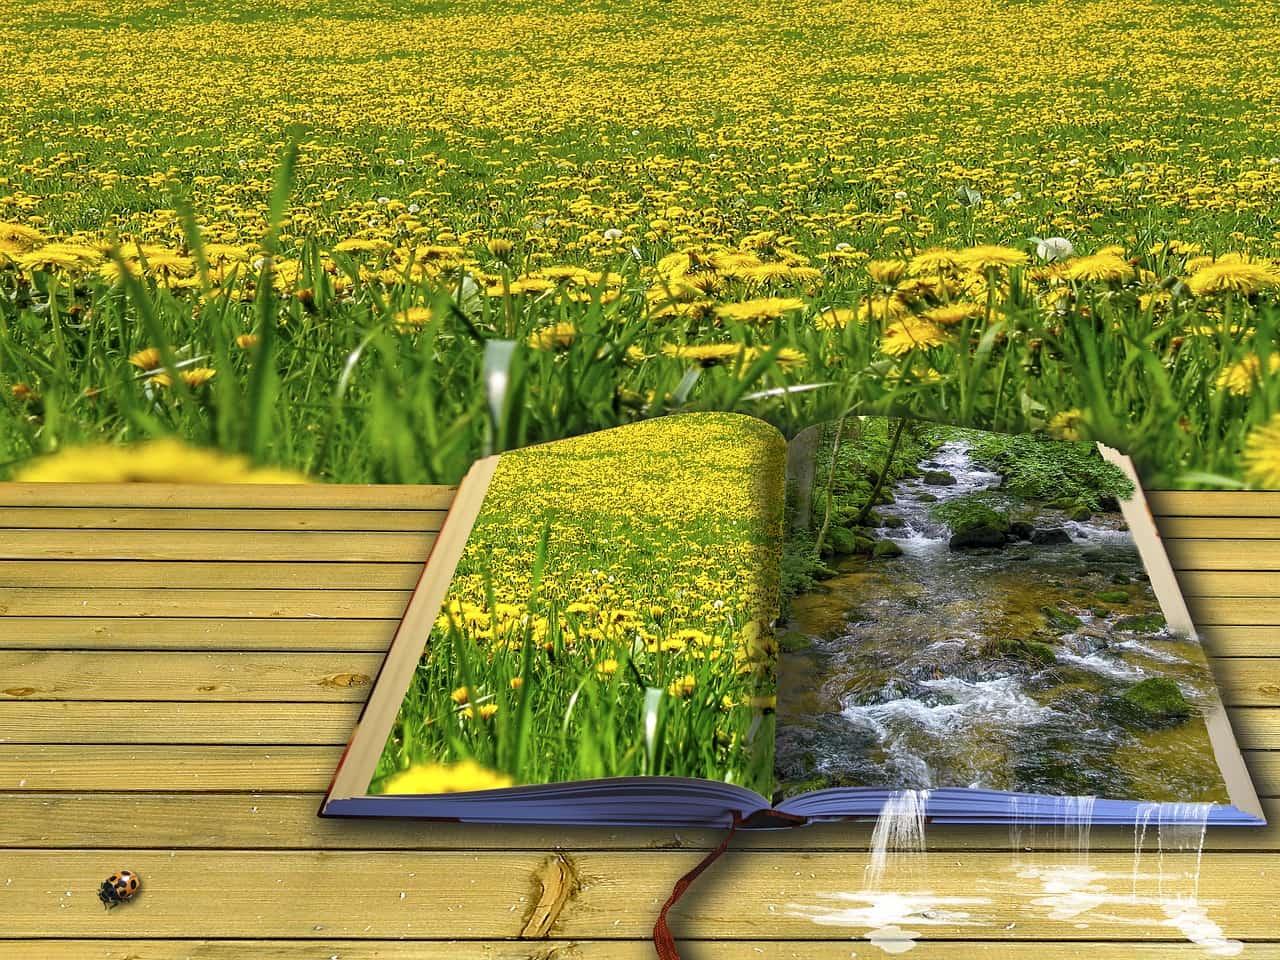 Poesie Wiese von Roland Mey - pixabay.com - Creative Commons CC0